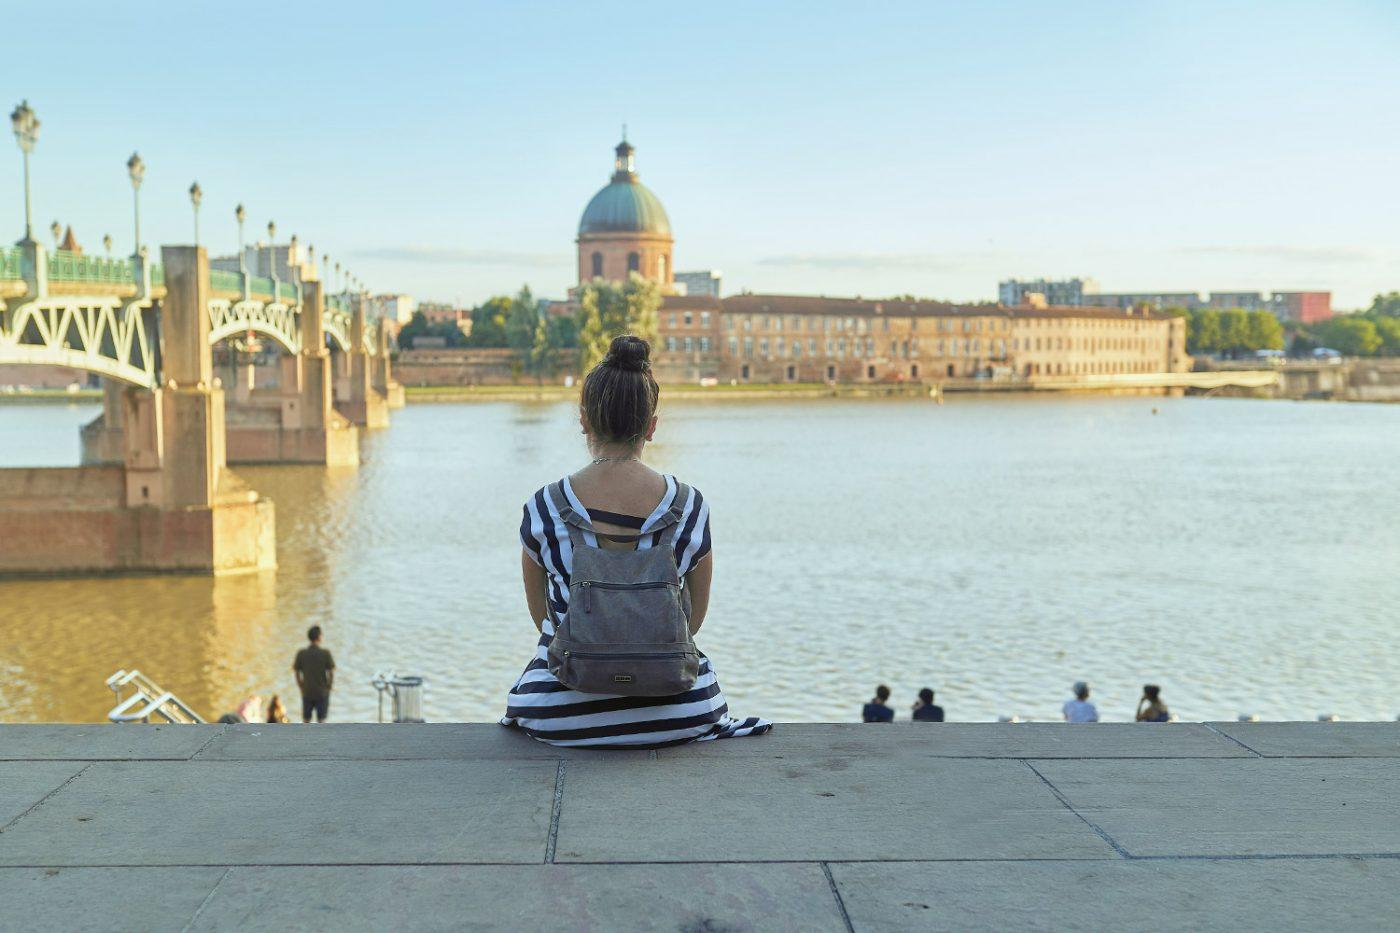 Eine Frau sitzt am Ufer des Fluss Garonne in Toulouse, Frankreich.